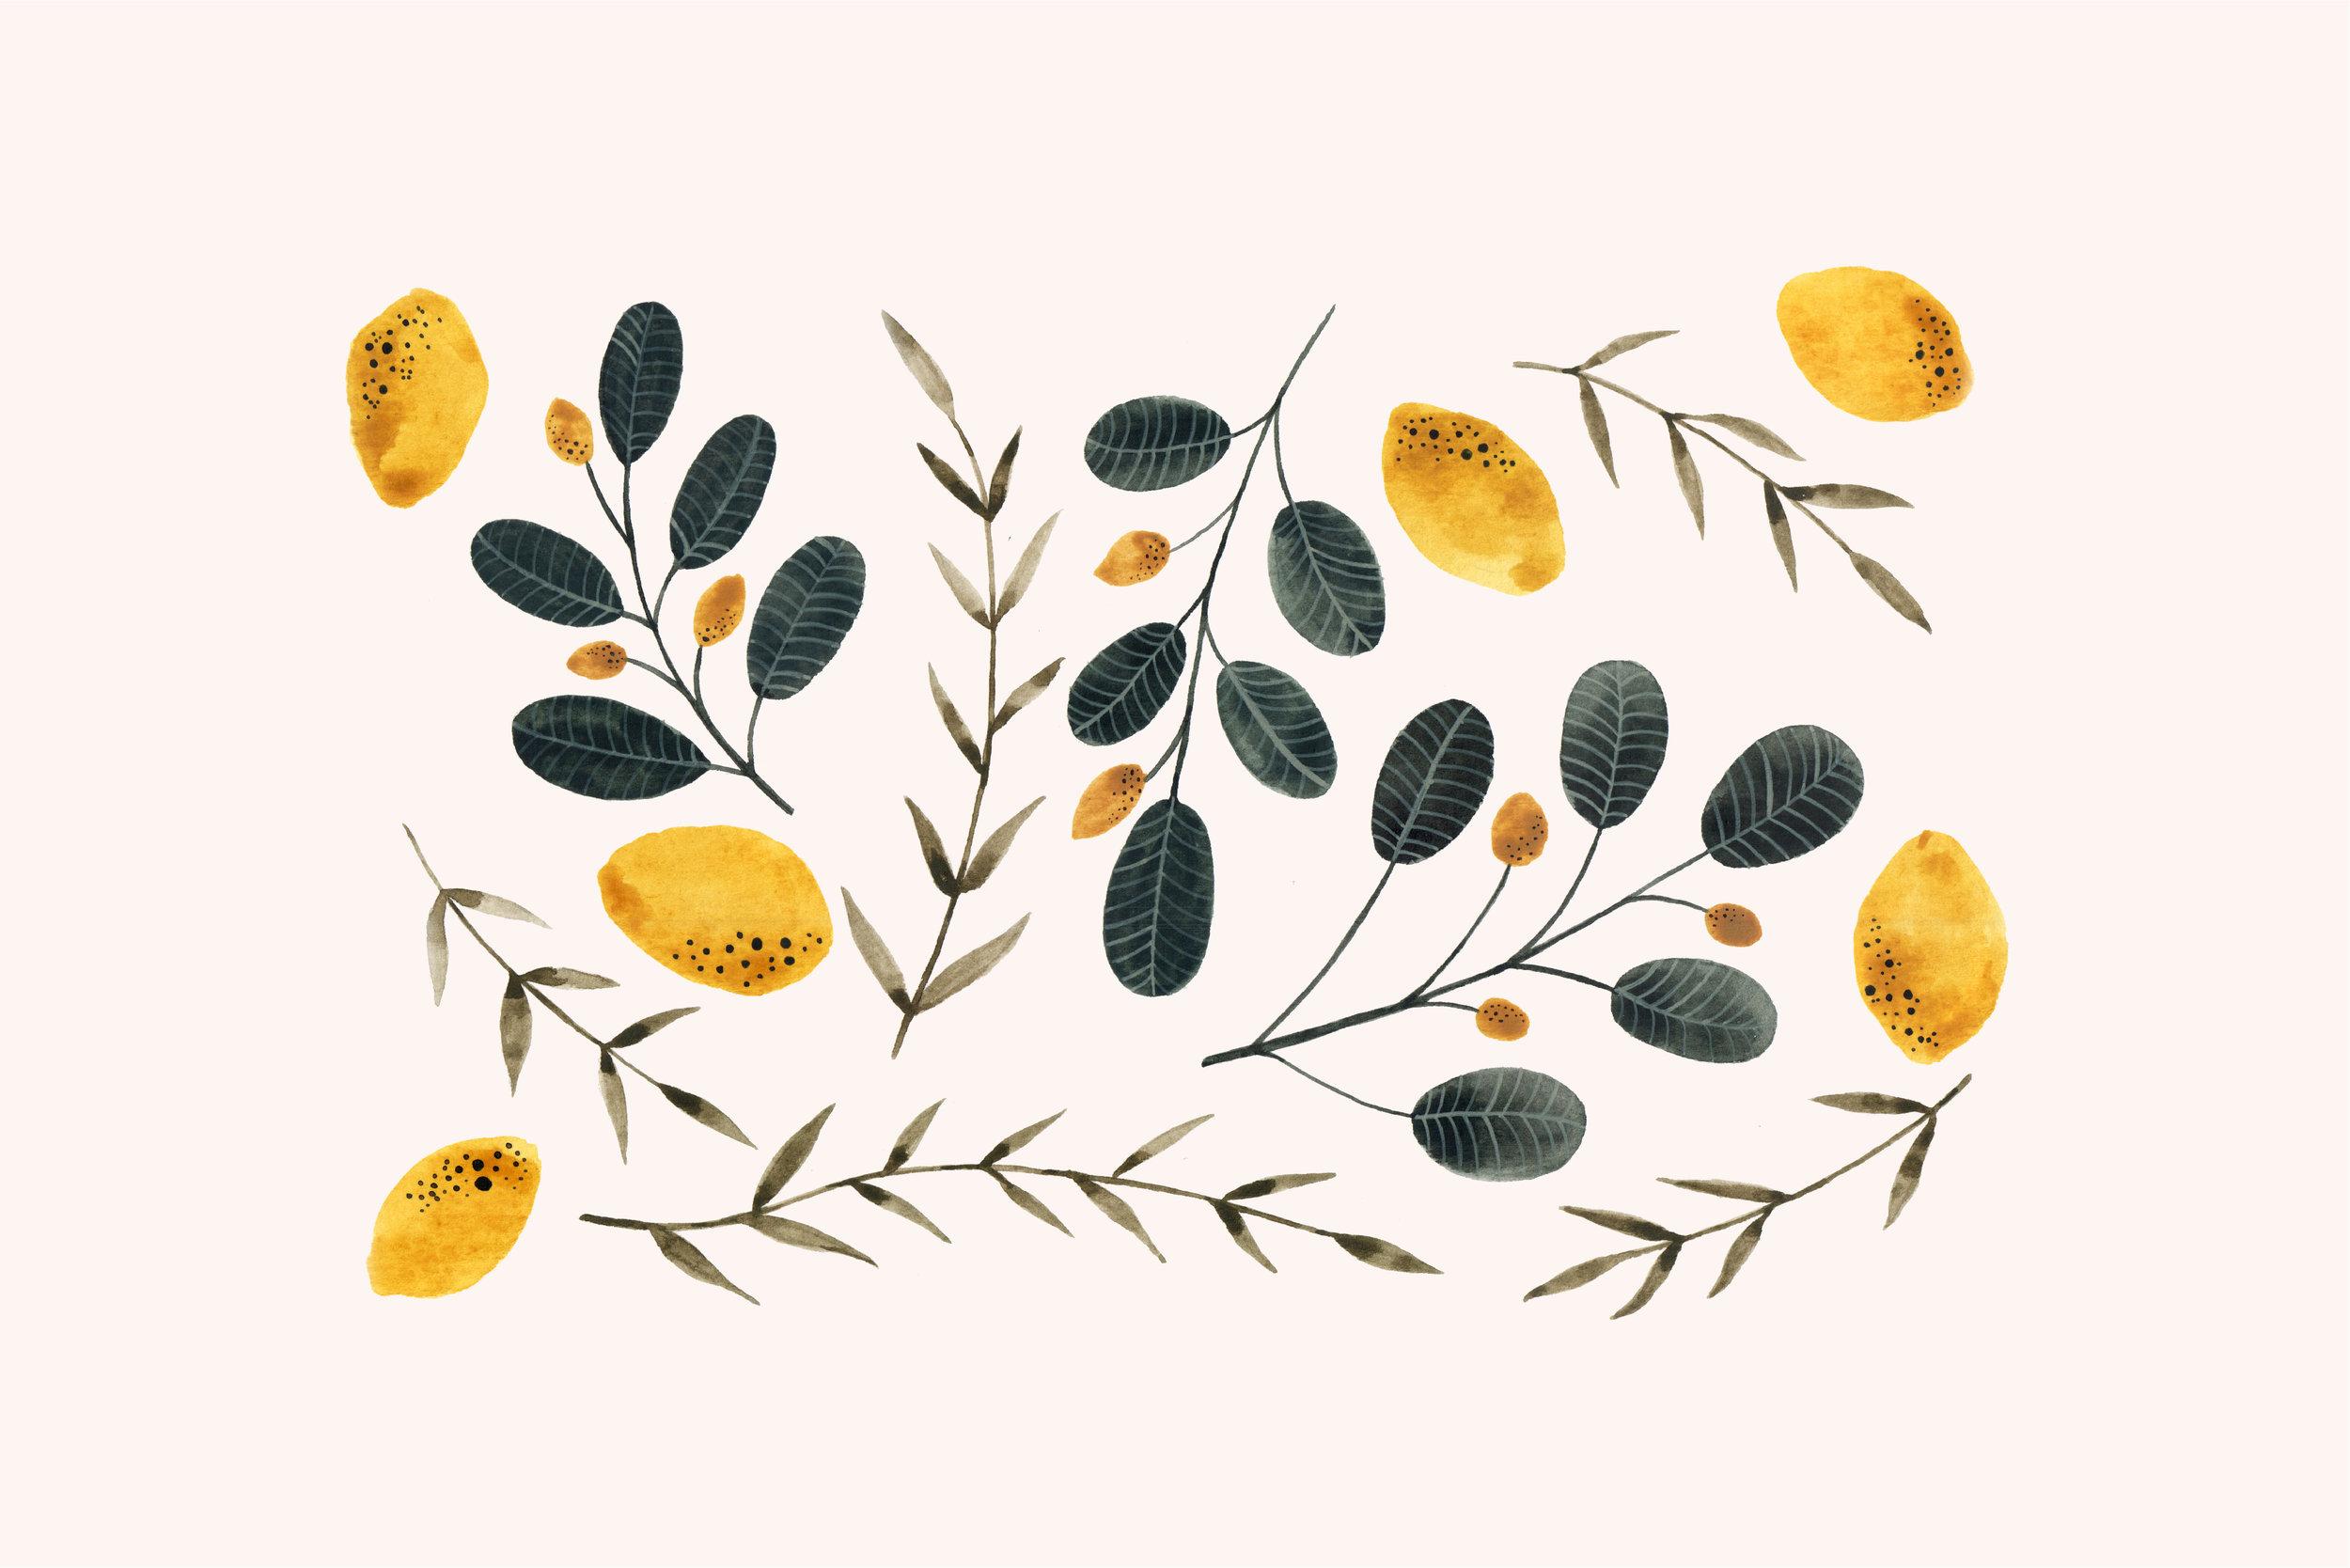 Wilkie_maryclarewilkie-Lemon-pattern-watercolour-05.jpg